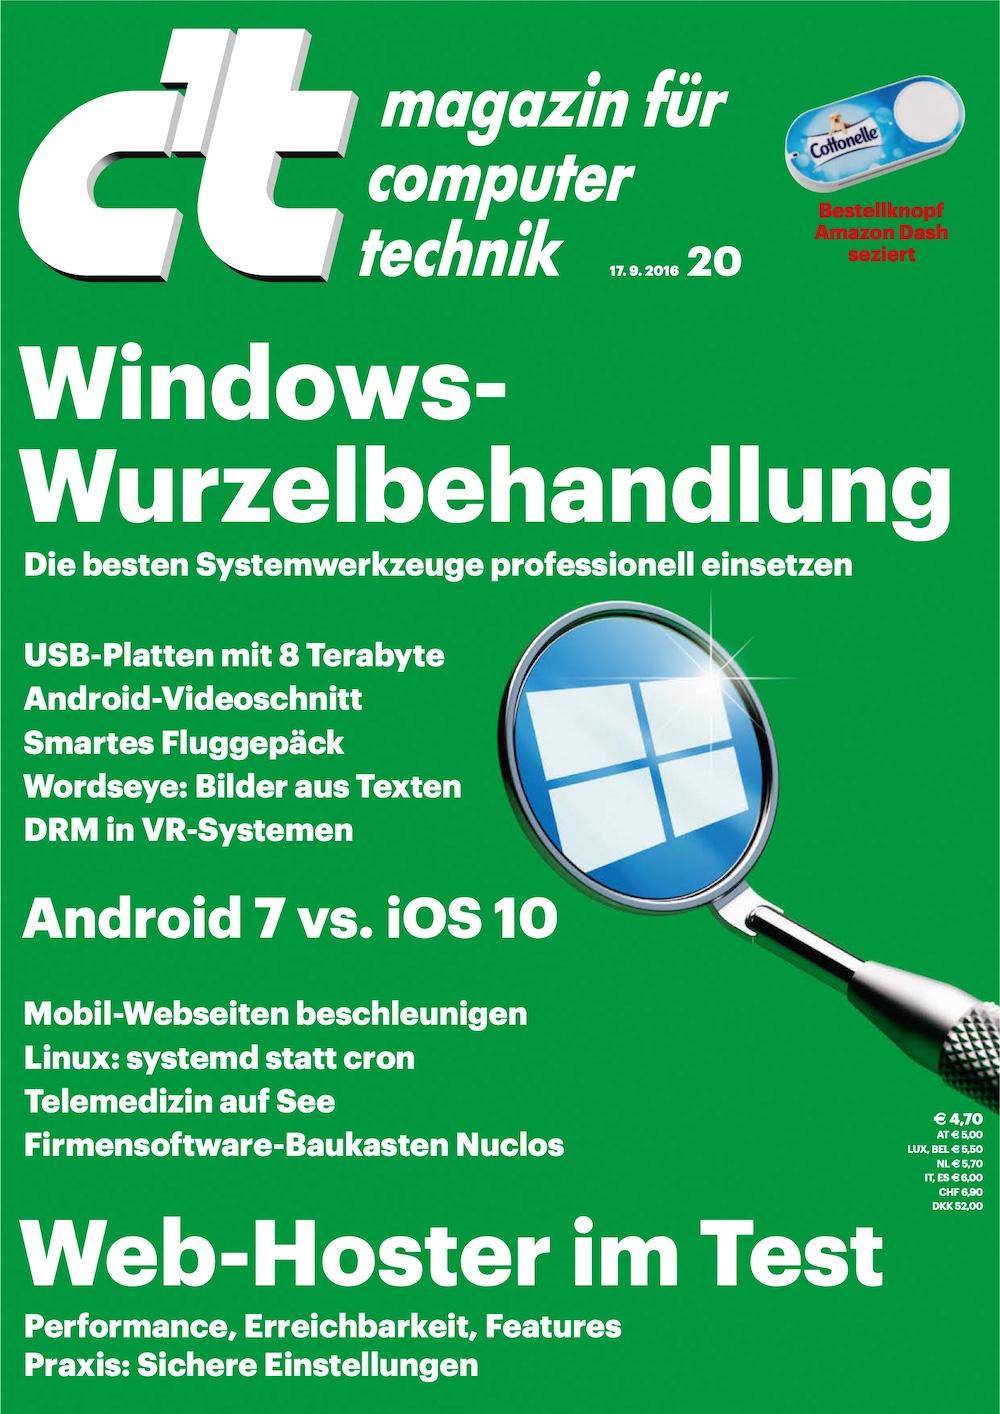 c't Magazin 2016-20